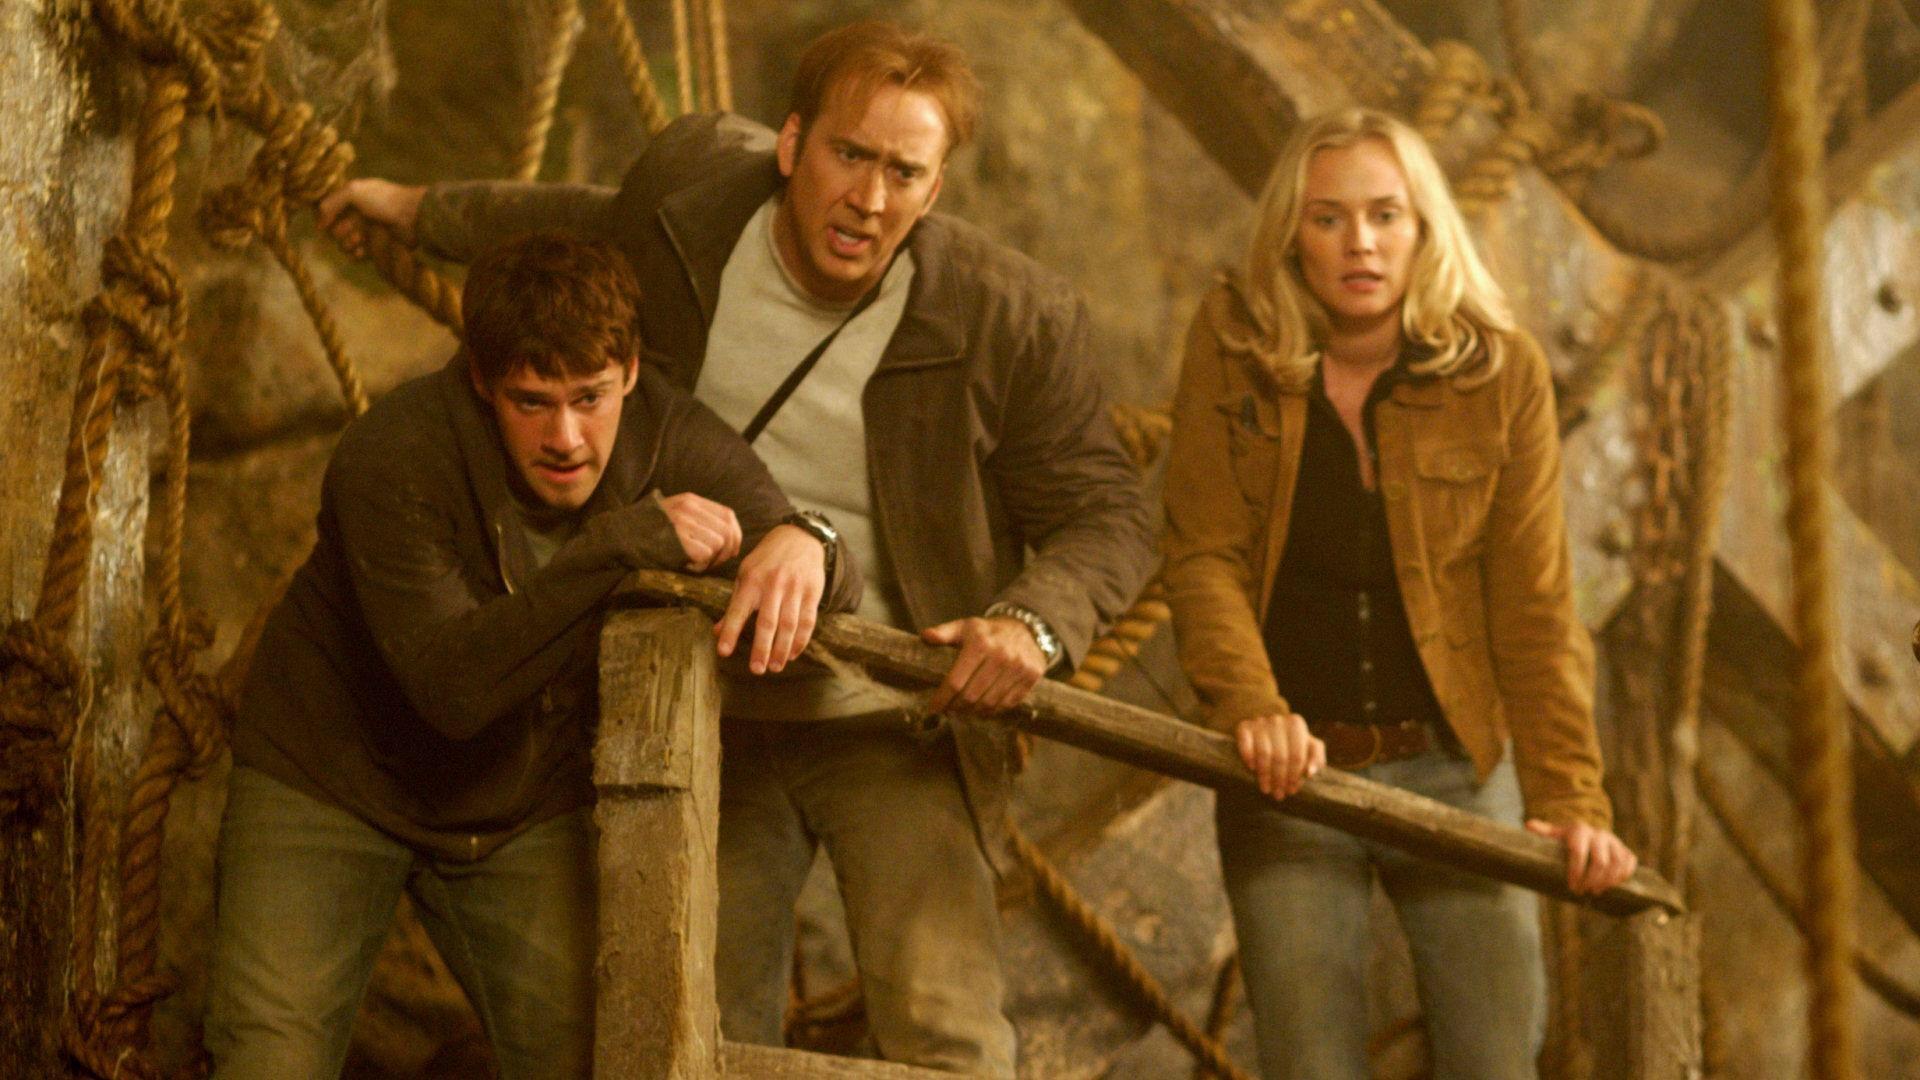 Riley, Ben and Abigail Nicolas Cage, Fantasy Movies, Disney Movies, Disney  Live